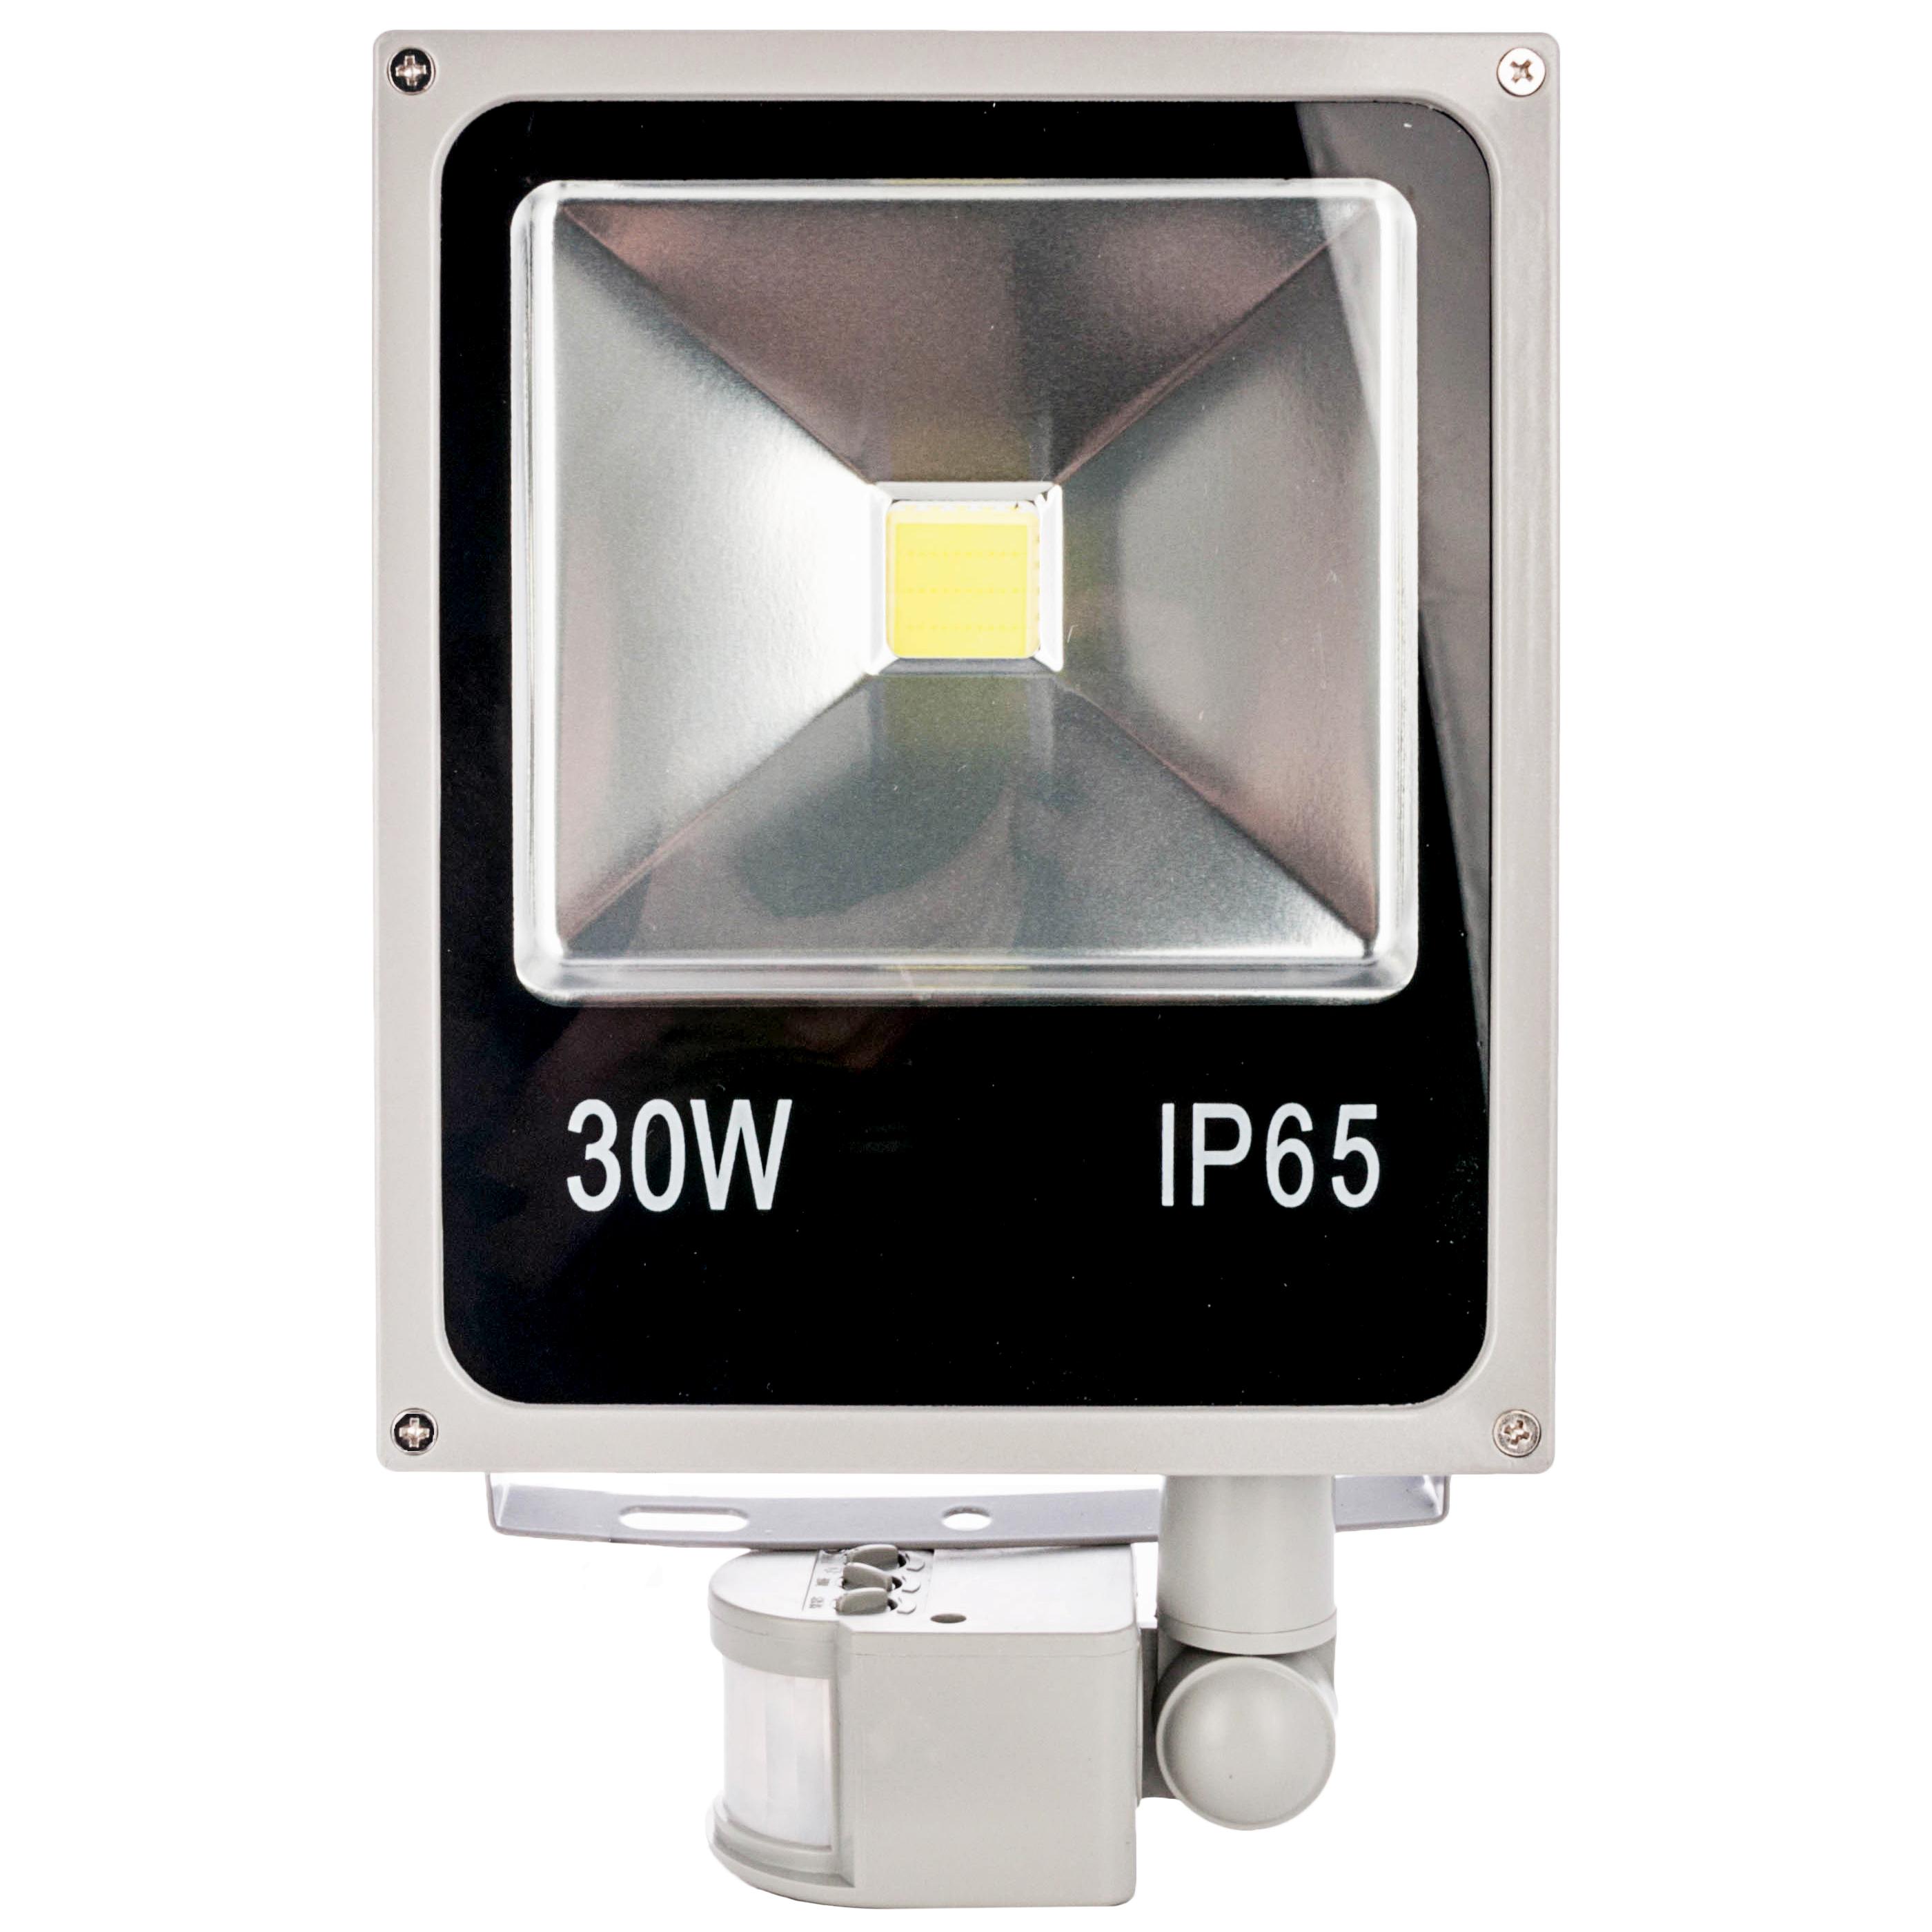 Как смонтировать и подключить уличный прожектор с датчиками движения.